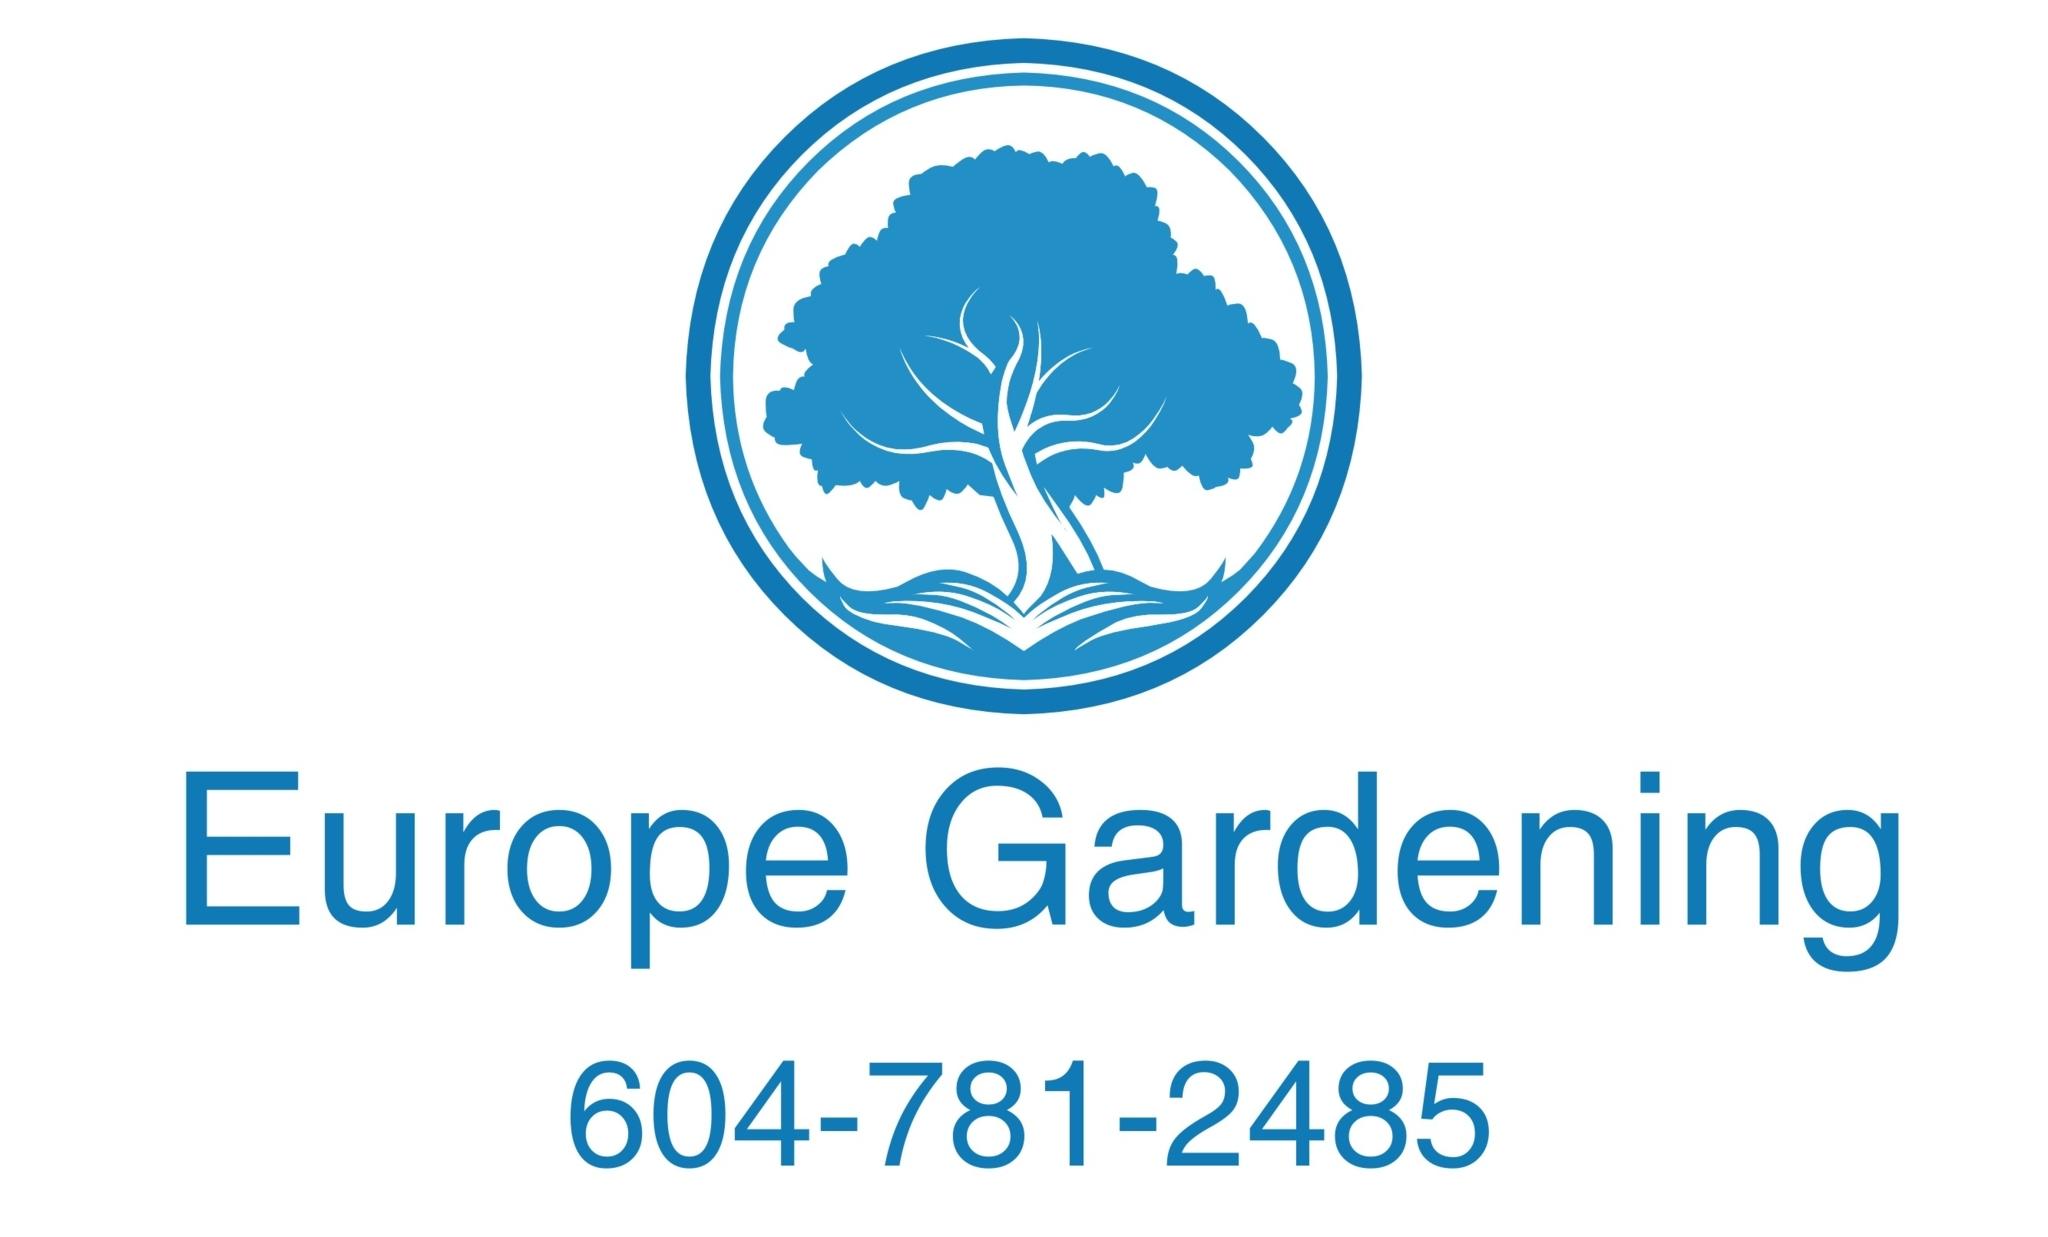 Europe Gardening